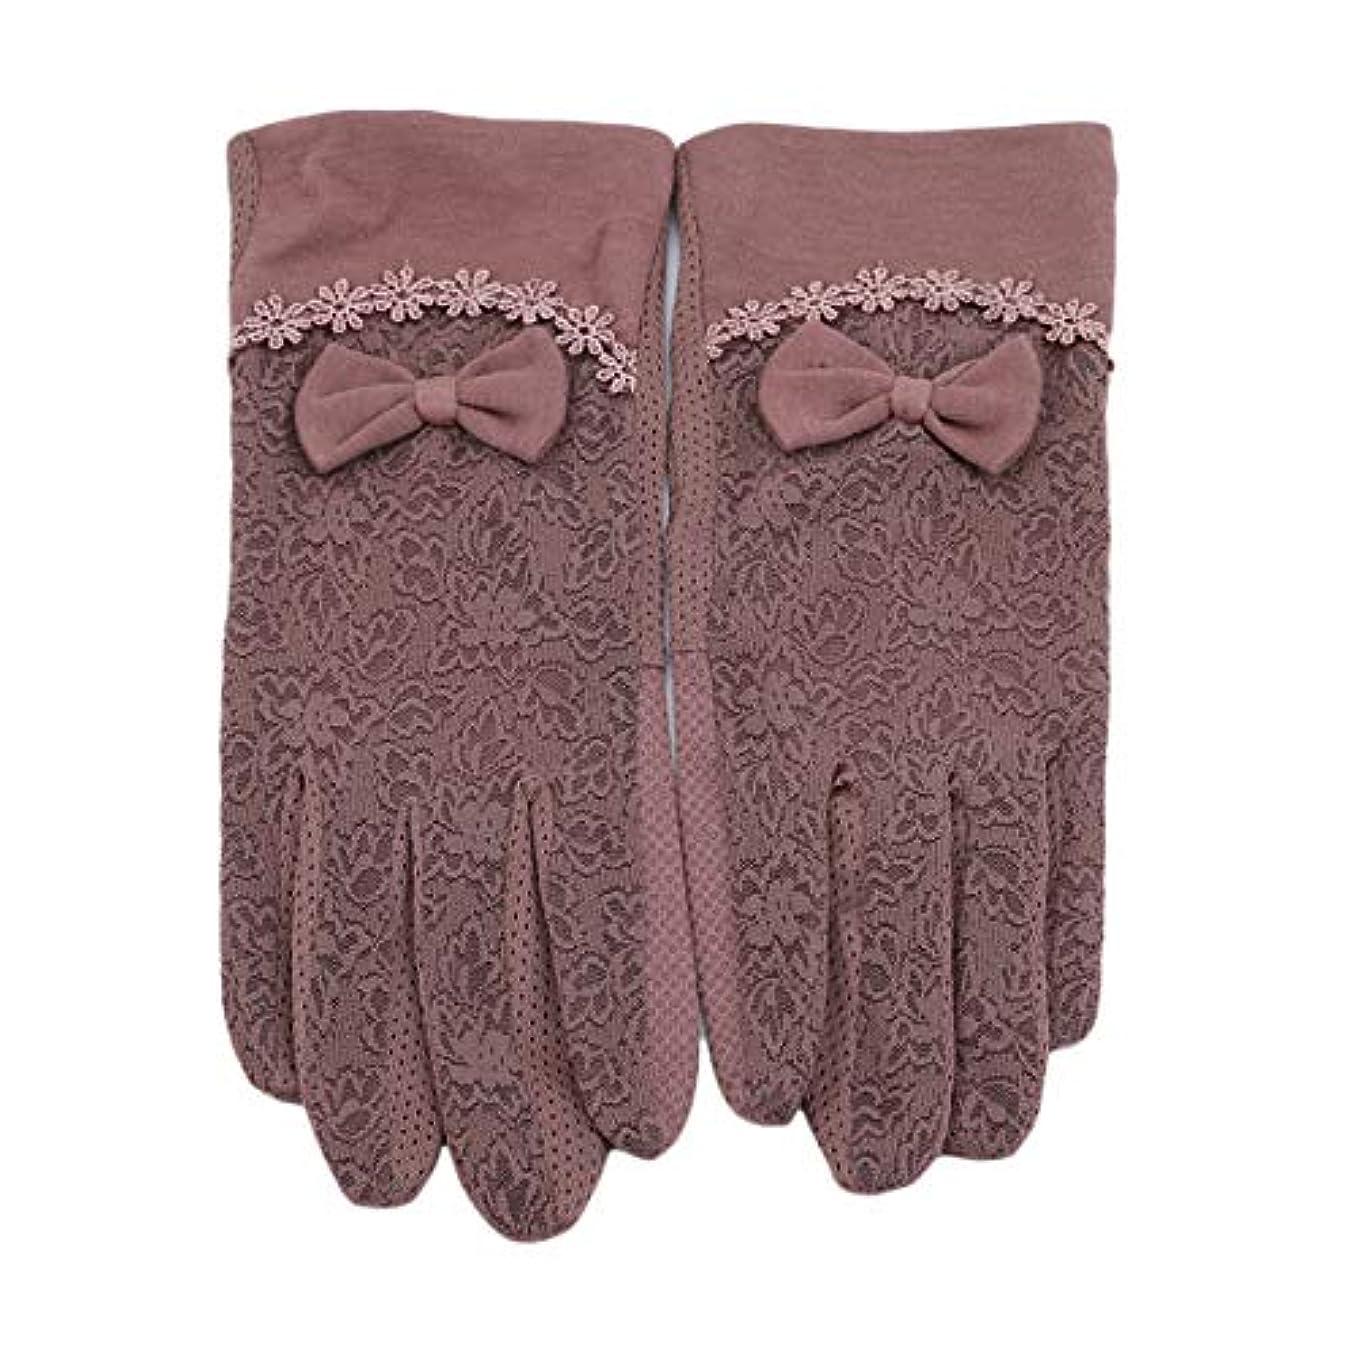 子孫豊かなタフMODMHB 手袋 UVカット 手触りが良い 紫外線カット 日焼け防止 ハンド ケア 手荒い対策 保湿 保護 抗菌 防臭